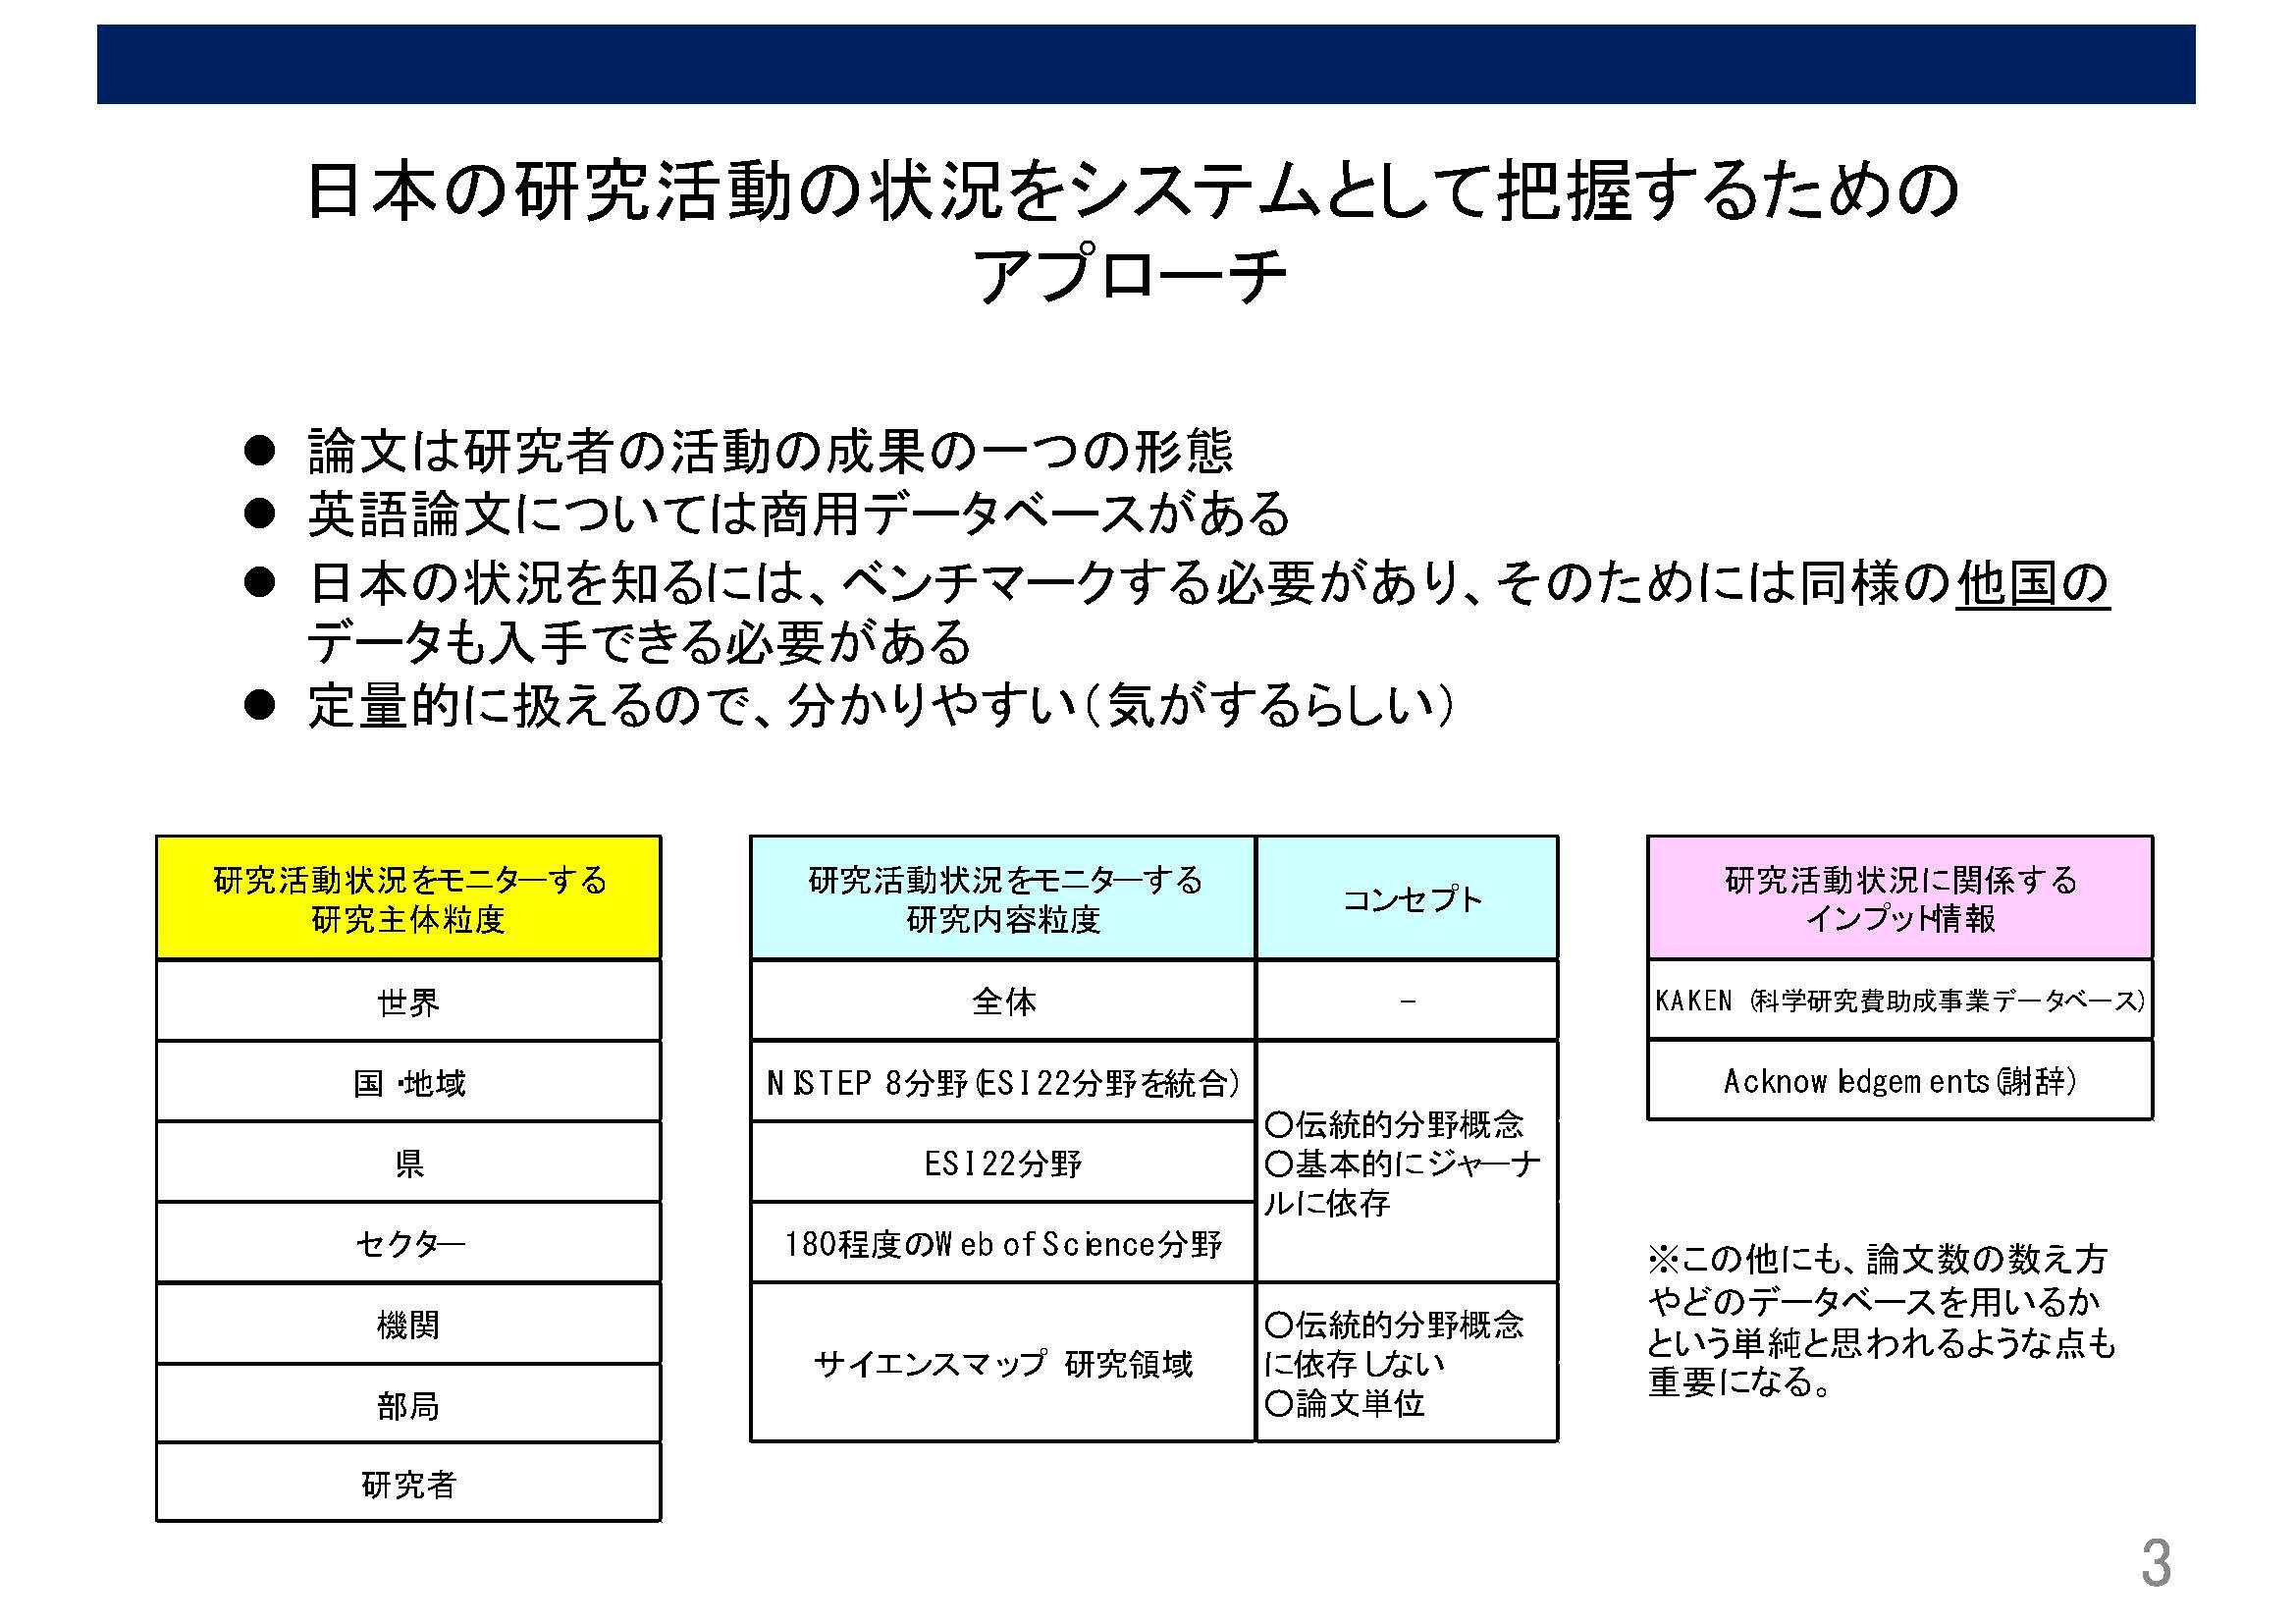 阪氏講演資料2